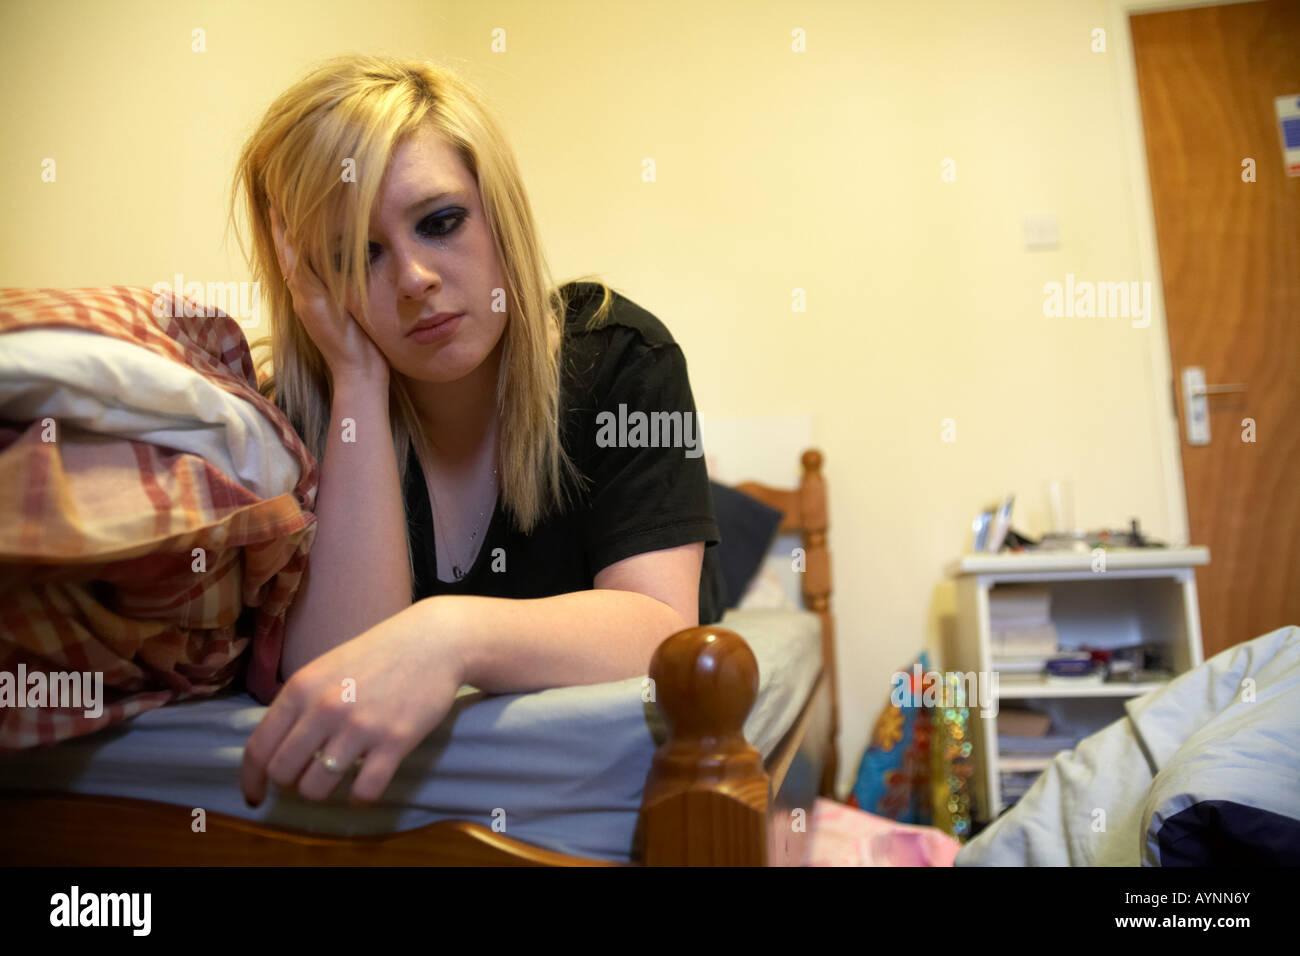 Adolescente giovane donna che piange sdraiato sul letto in disordine monolocale matrimoniale tenendo la testa in Immagini Stock